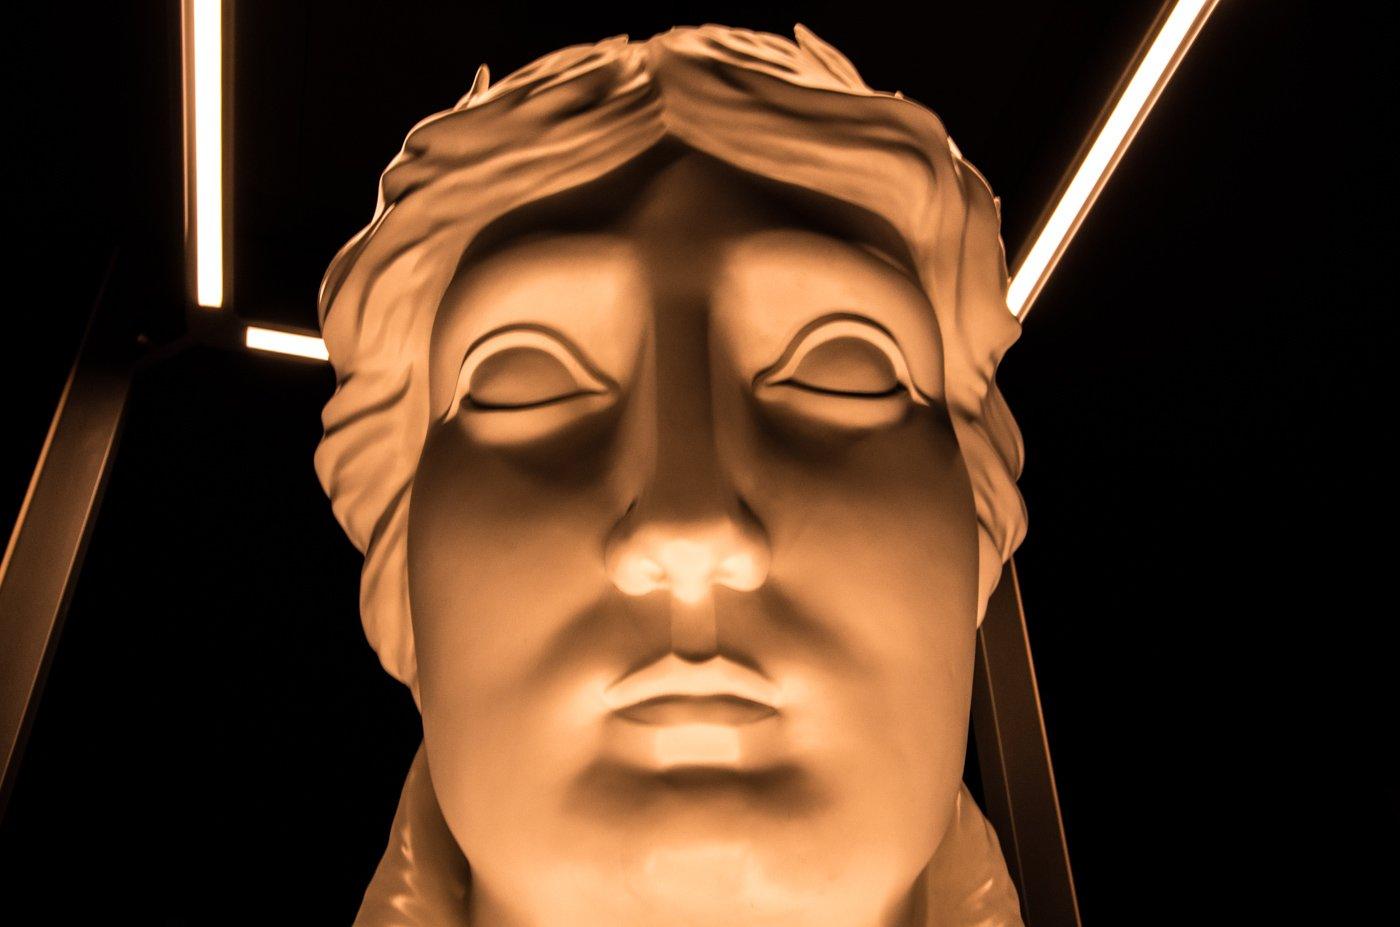 Nachbildung des Kopfes der Quadriga in der Ausstellung The Gate.